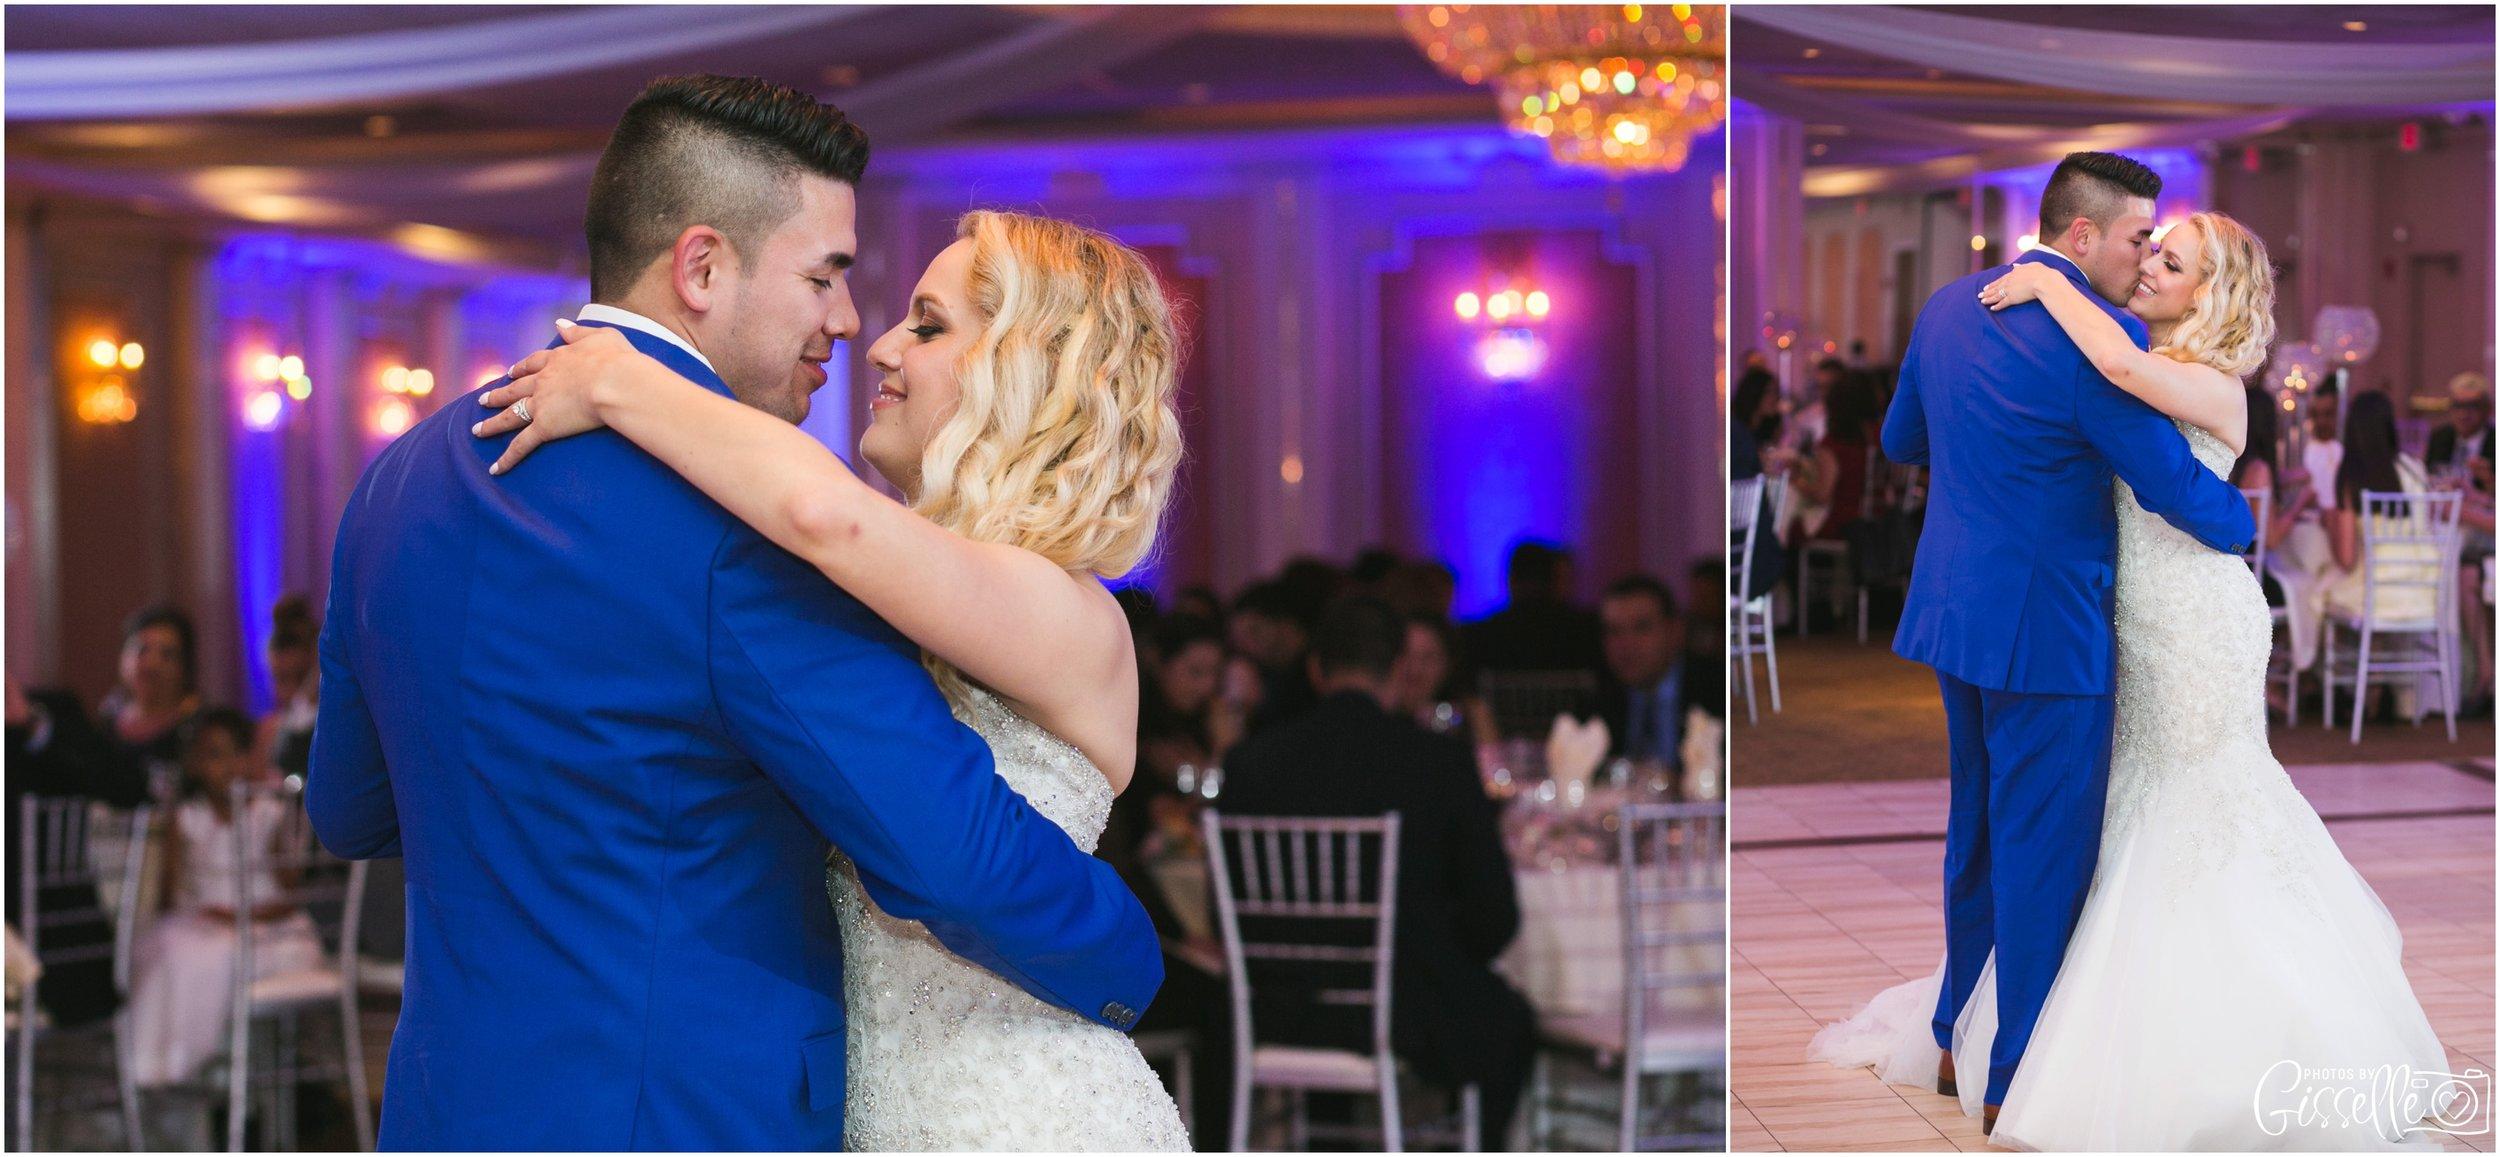 Astoria Banquets Wedding030.jpg